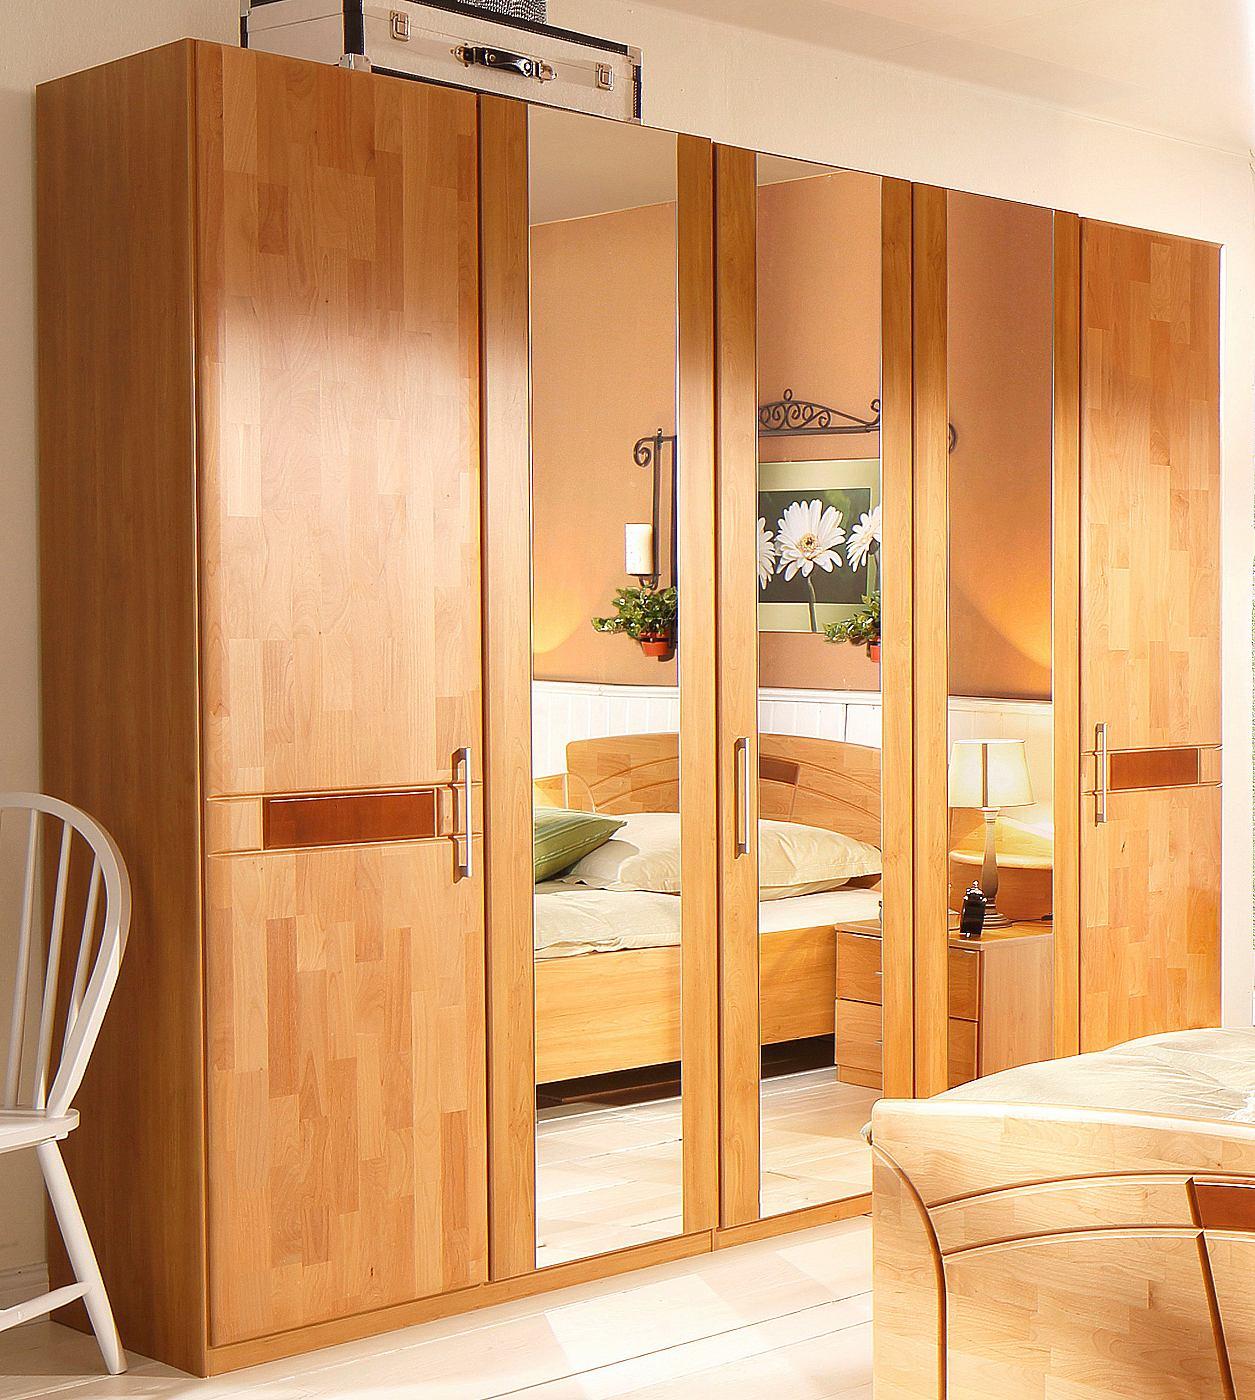 Slaapkamer kledingkasten